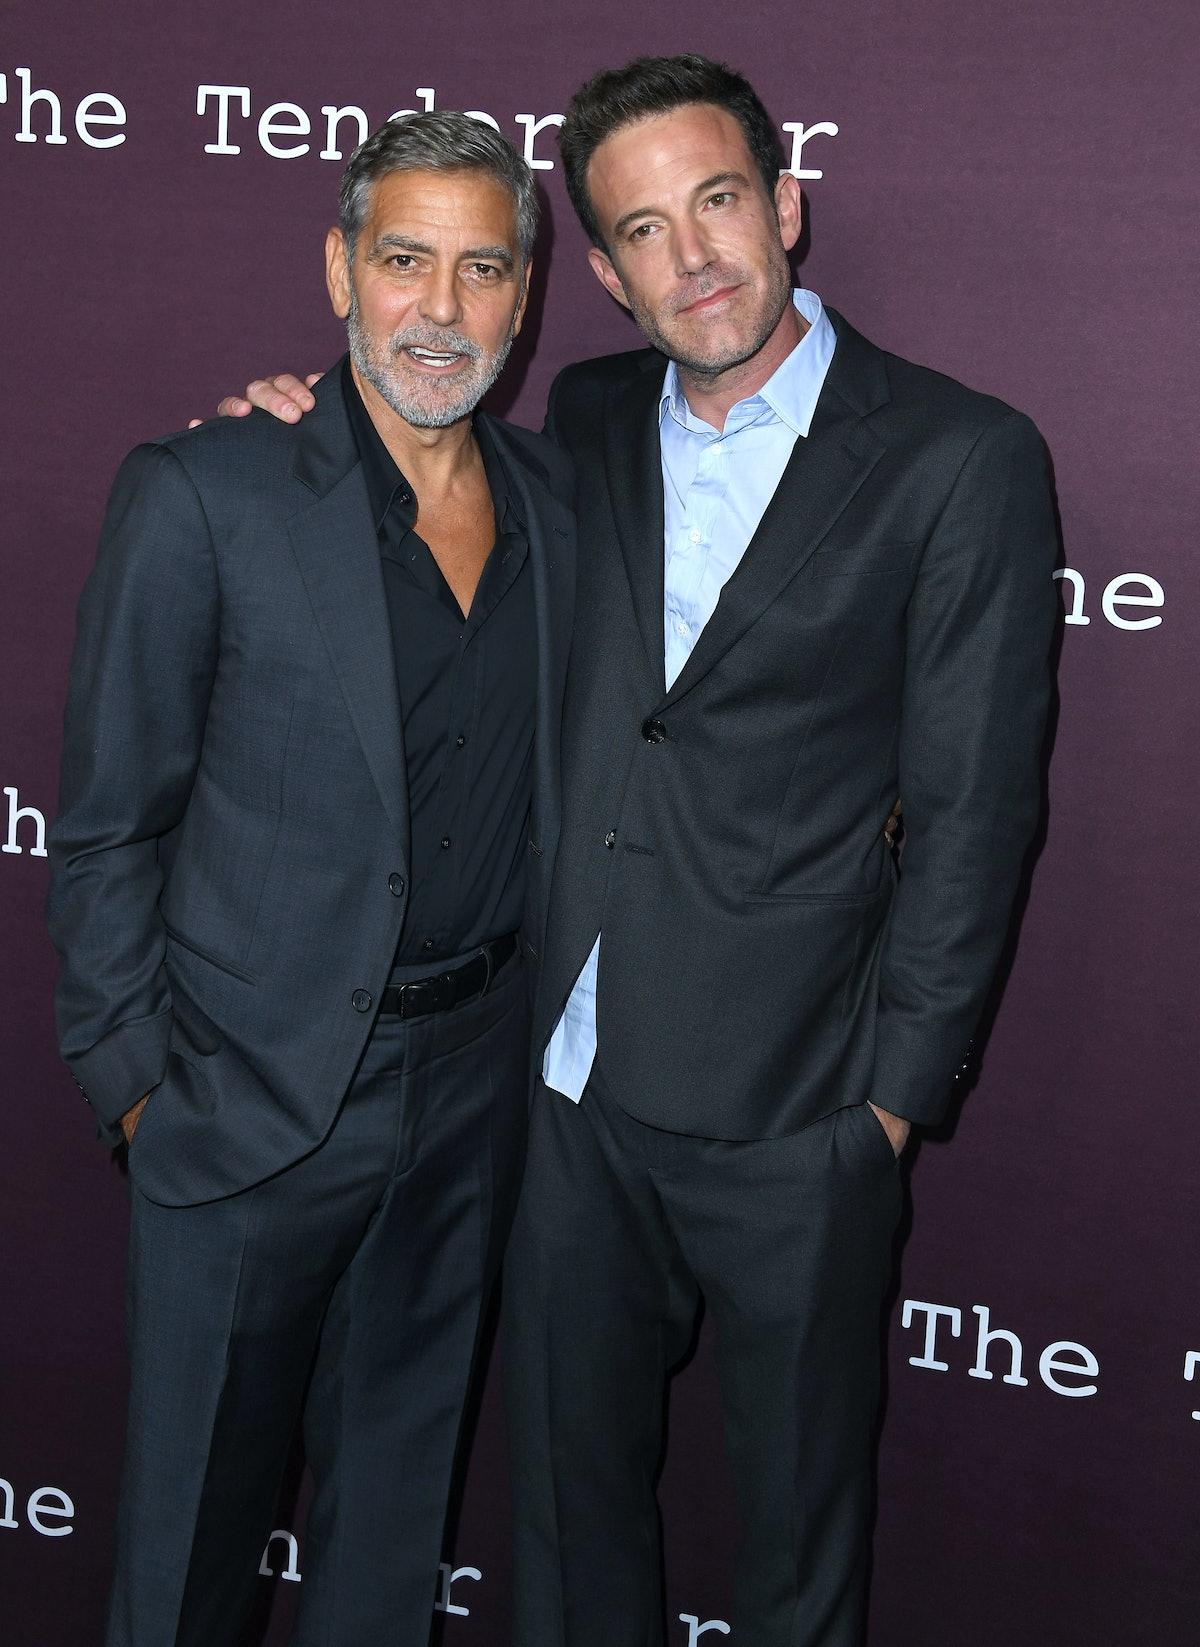 لوس آنجلس ، کالیفرنیا - 03 اکتبر: جورج کلونی و بن افلک وارد مجموعه تئاتر DGA می شوند ...